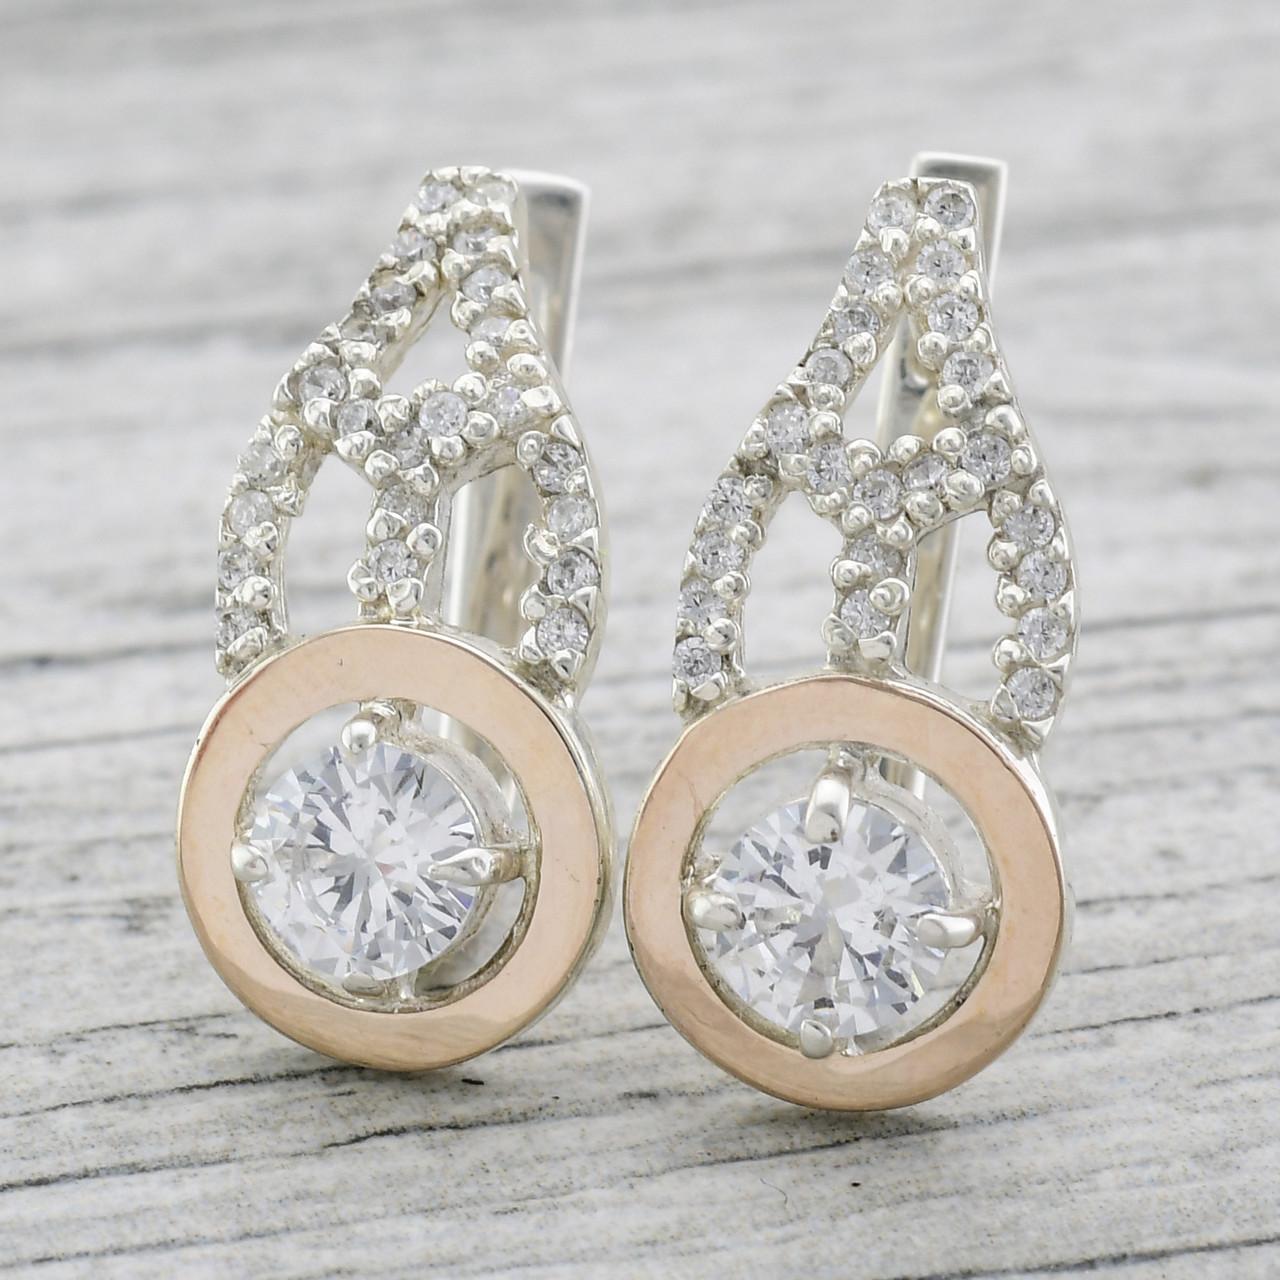 """Серебряные серьги с золотыми пластинами """"Даяна"""", размер 24*11 мм, вставка белые фианиты, вес 6.8 г"""